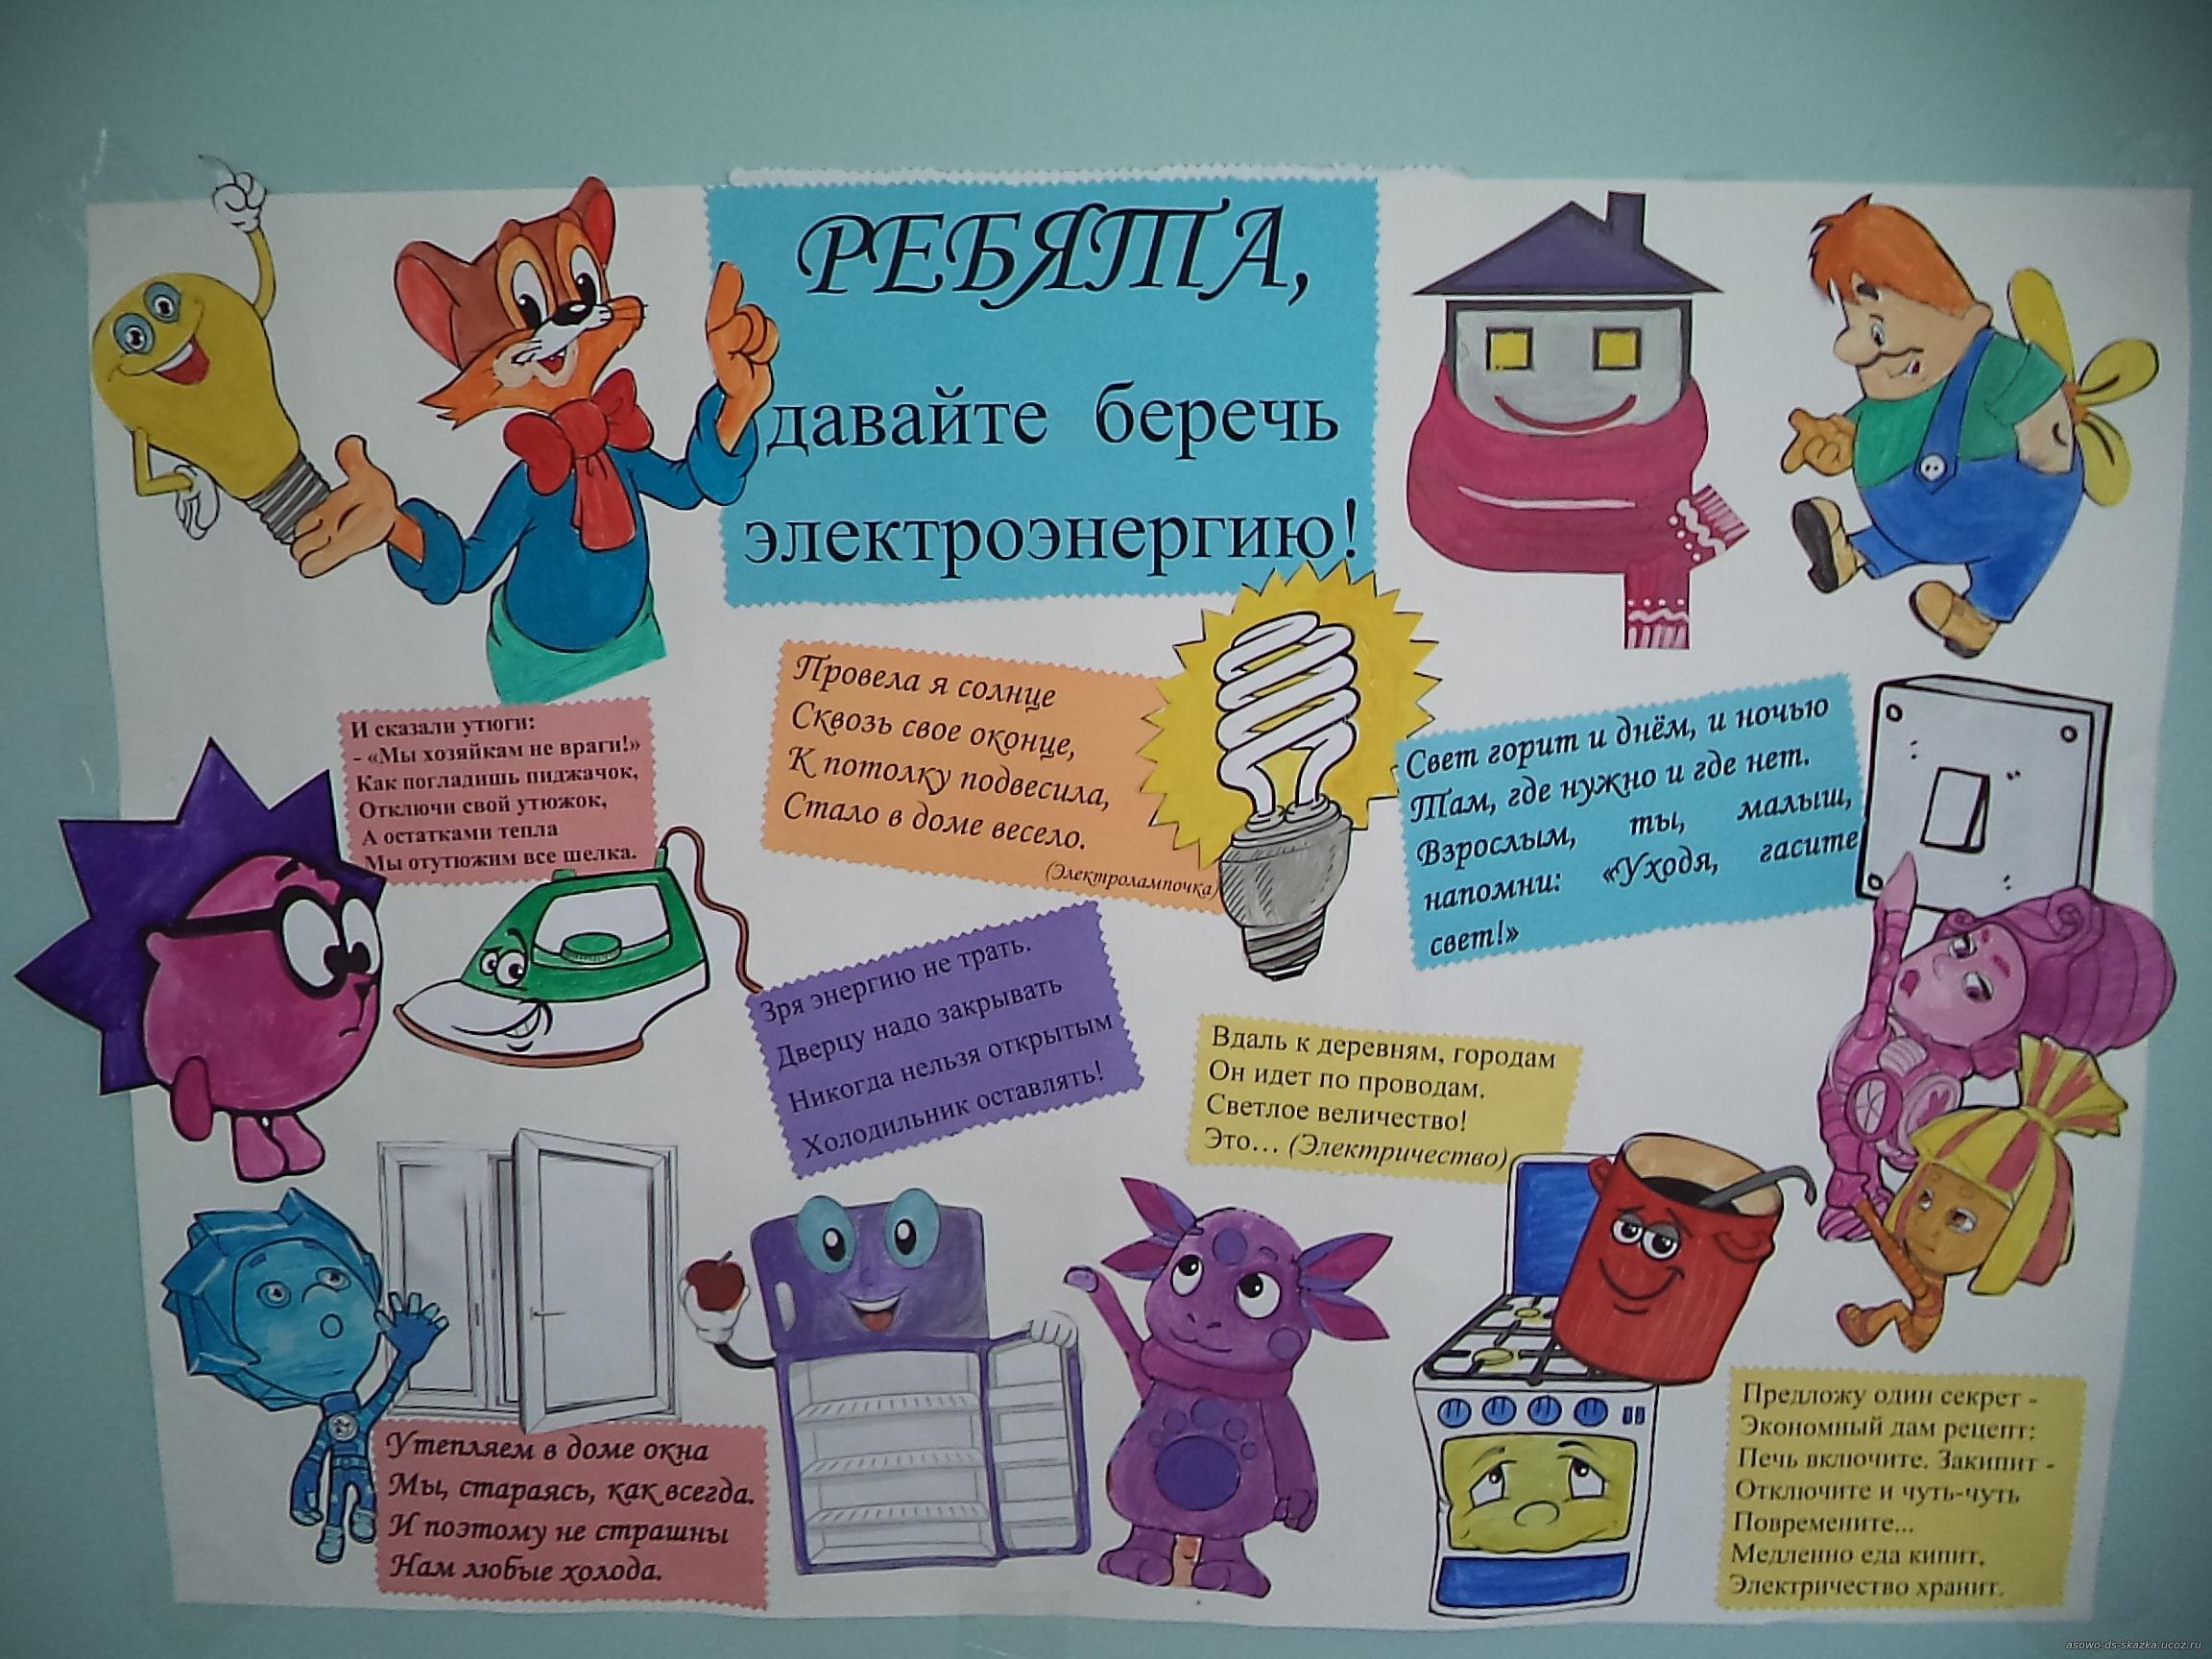 картинки по энергосбережению в детском саду